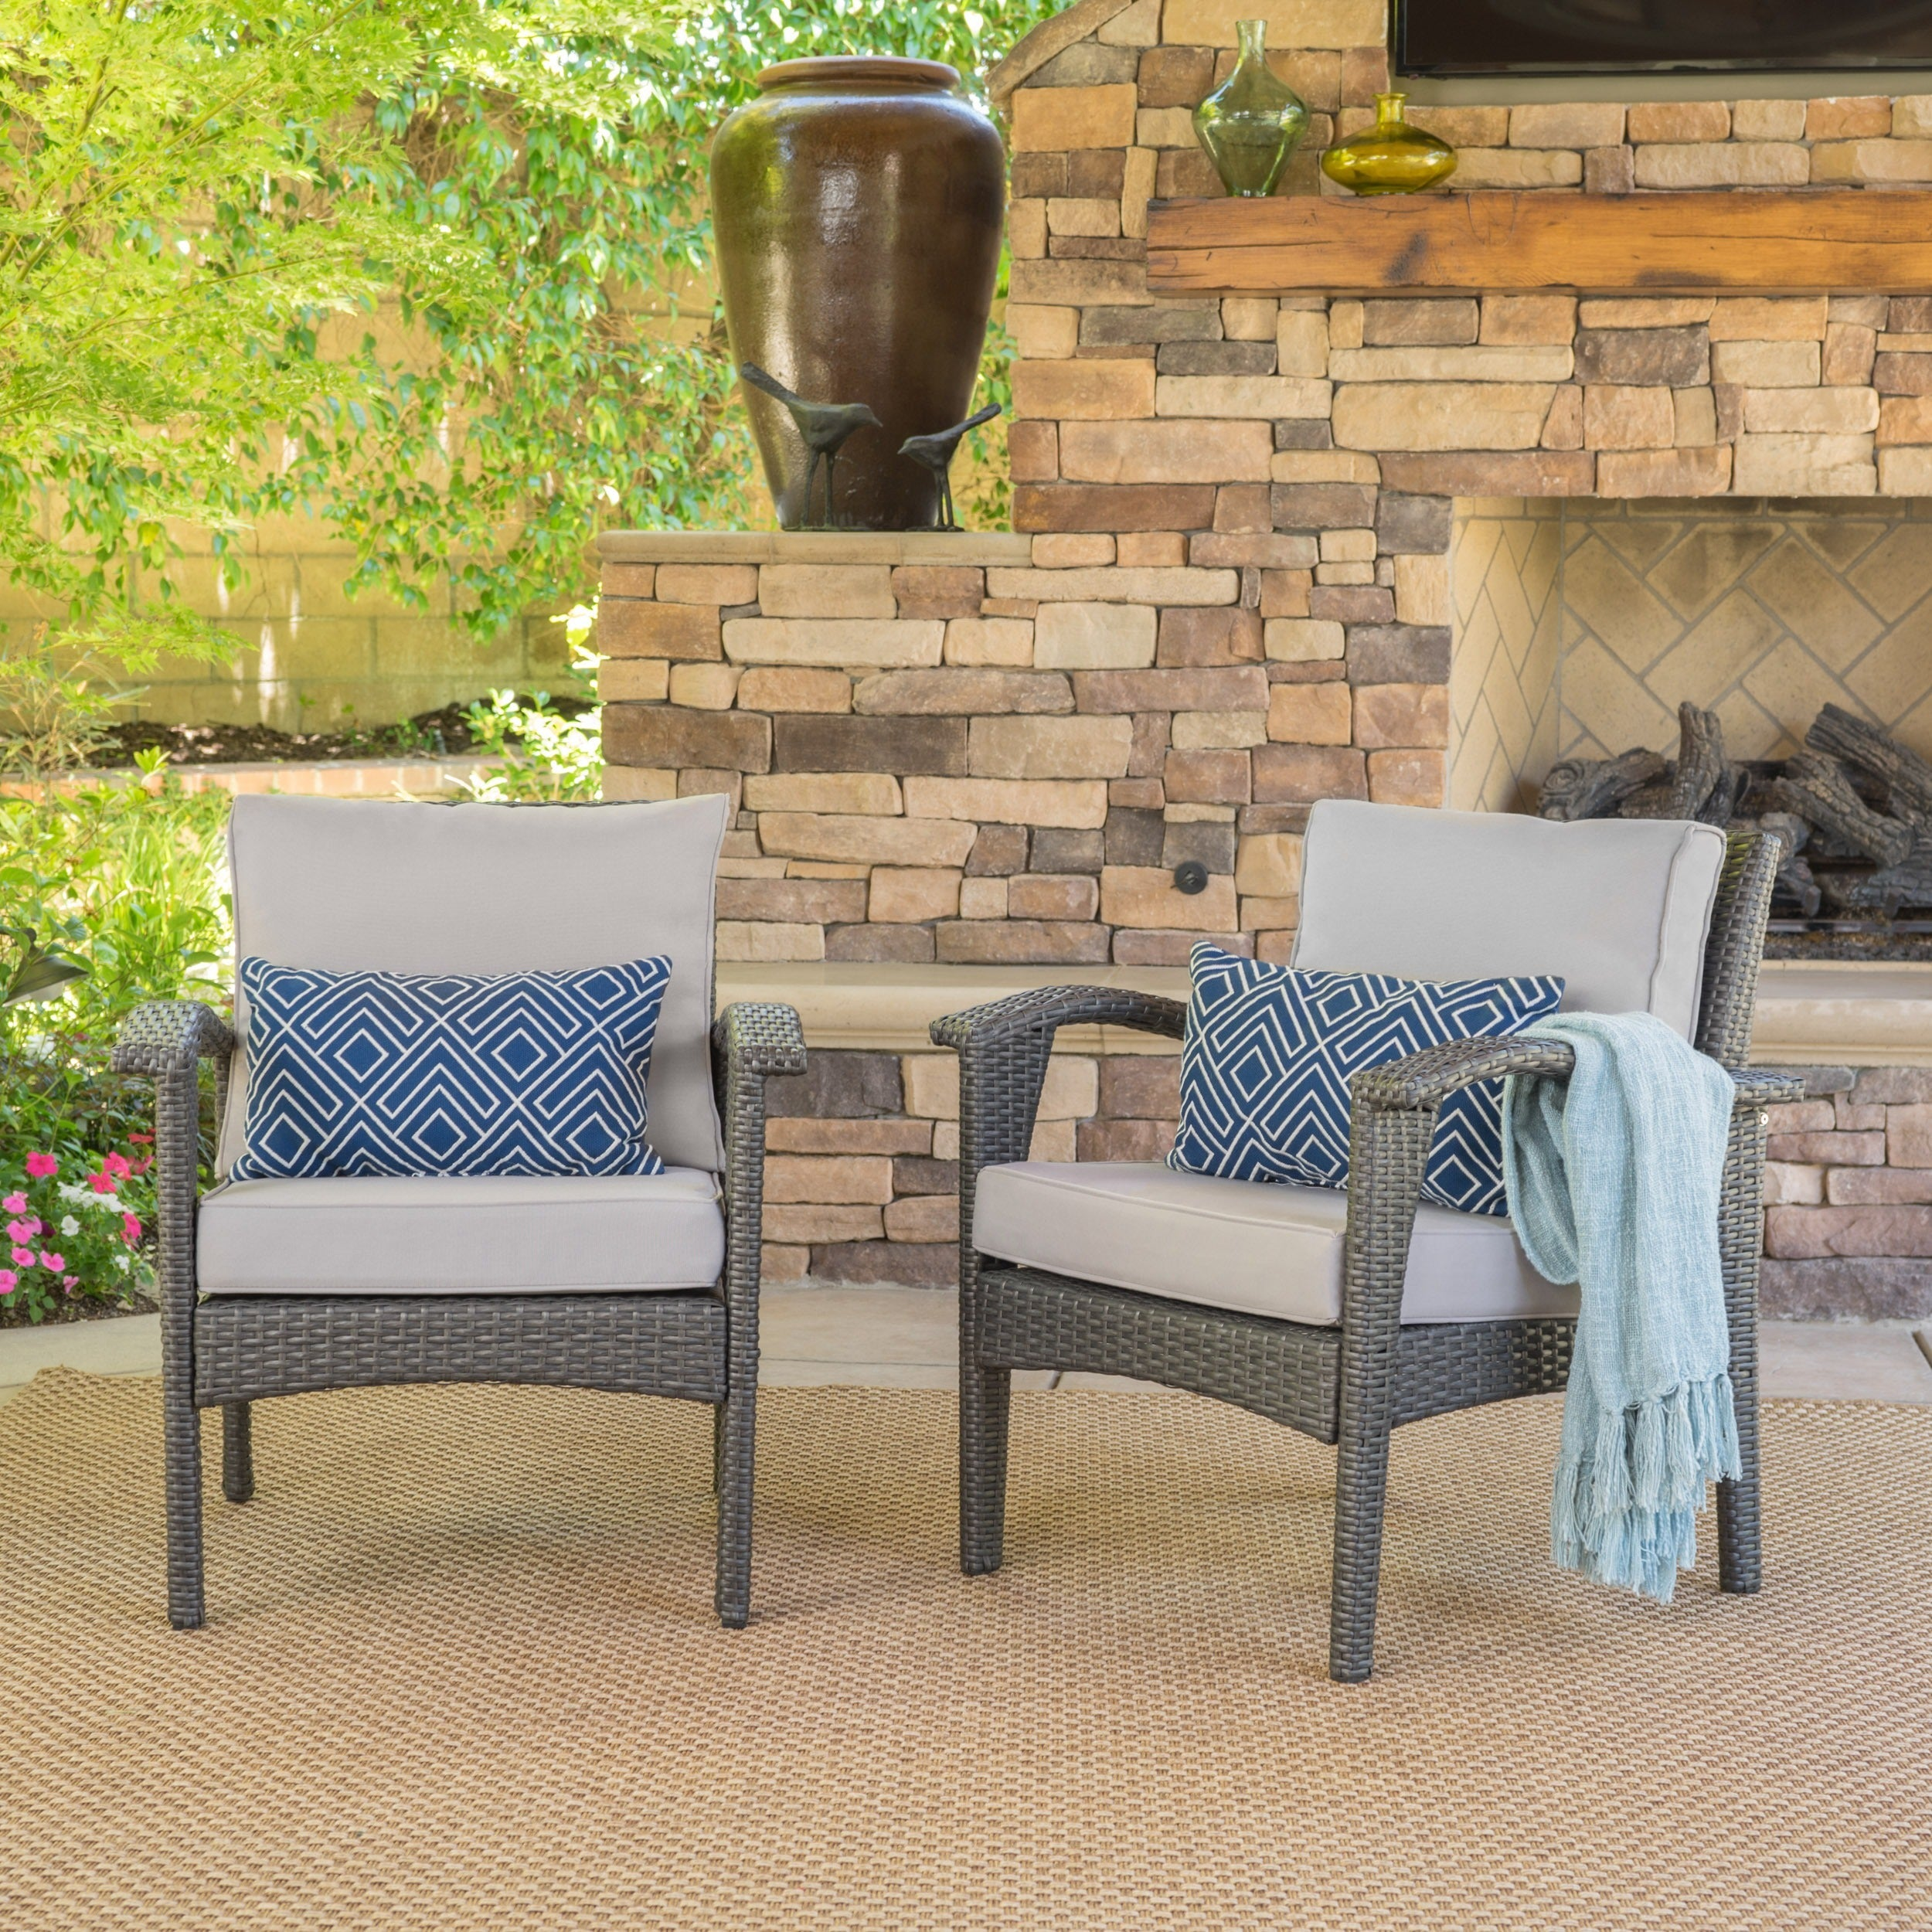 Outdoor Furniture Covers Wilko